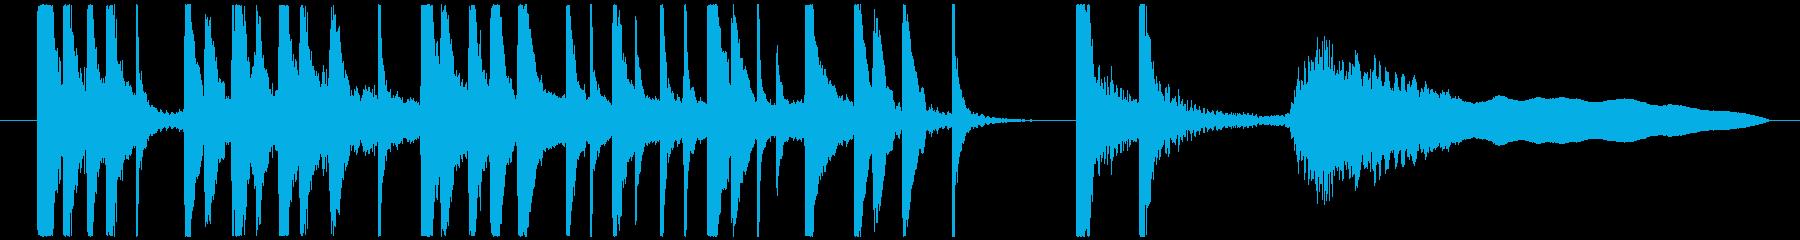 カブキ10秒ジングルシリーズ③ですの再生済みの波形